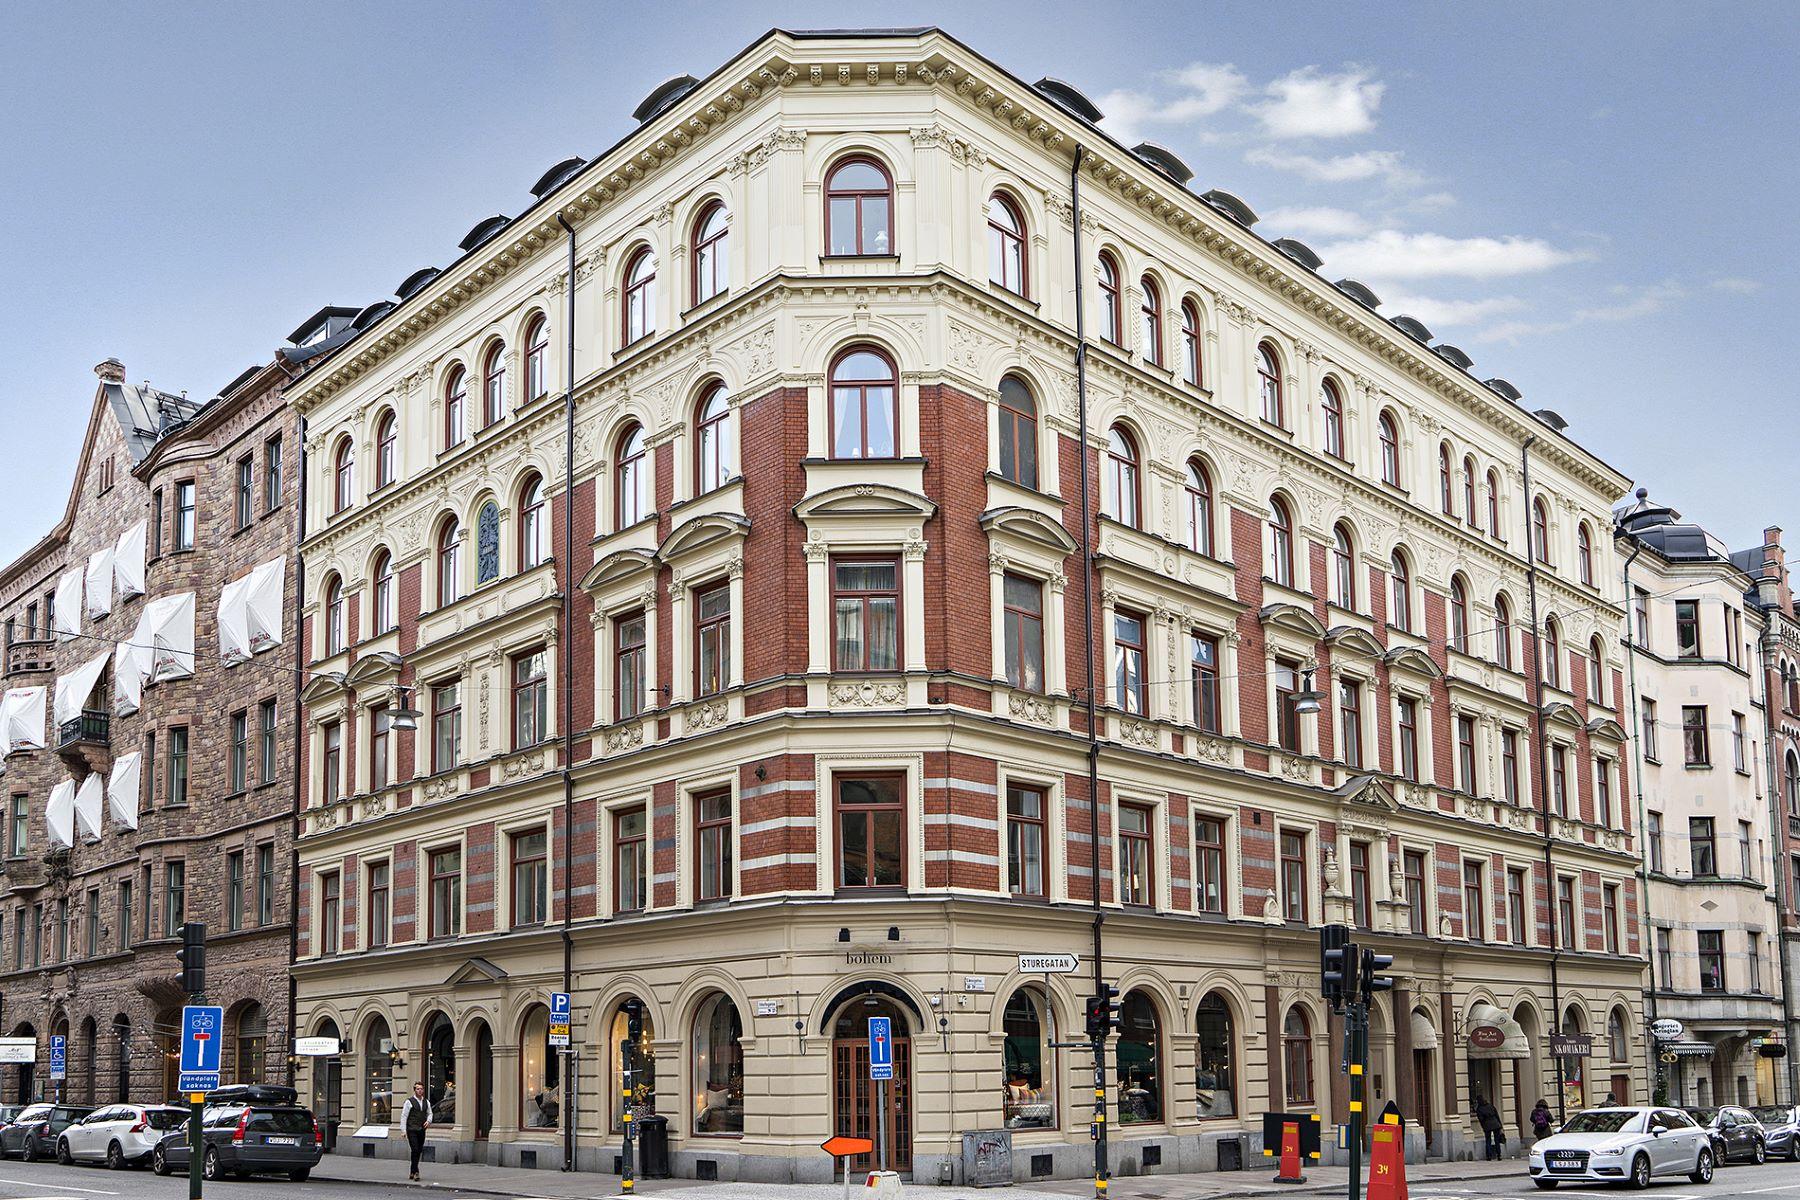 Căn hộ vì Bán tại Beautiful turn-of-the-century property Linnégatan 28-30, Stockholm, Stockholm, 114 47 Thụy Điển